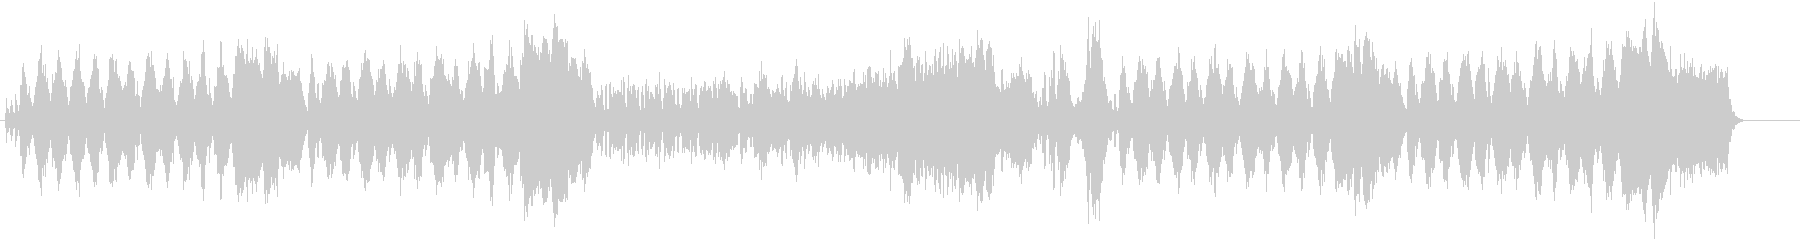 バロック調ウェディング・セレモニーの未再生の波形